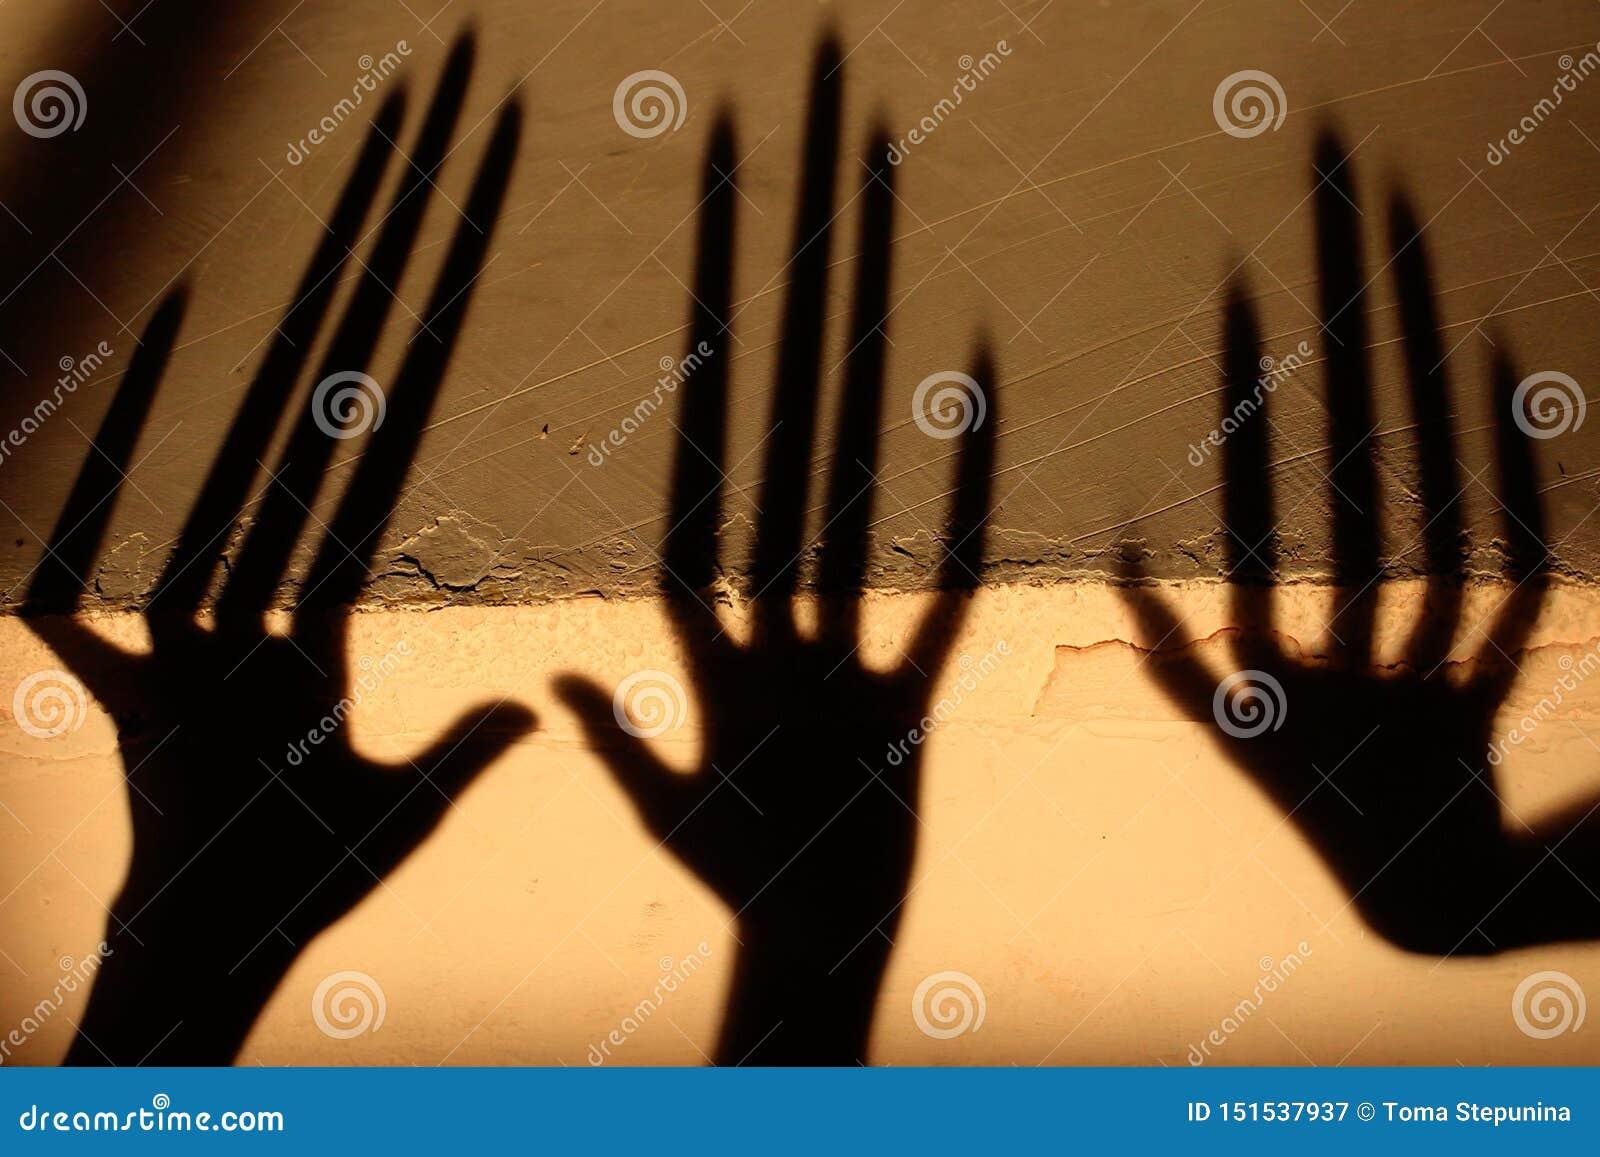 Konstig skugga p? v?ggen Ruskig skugga abstrakt bakgrund Svart skugga av en stor hand p? v?ggen Kontur av en hand på T